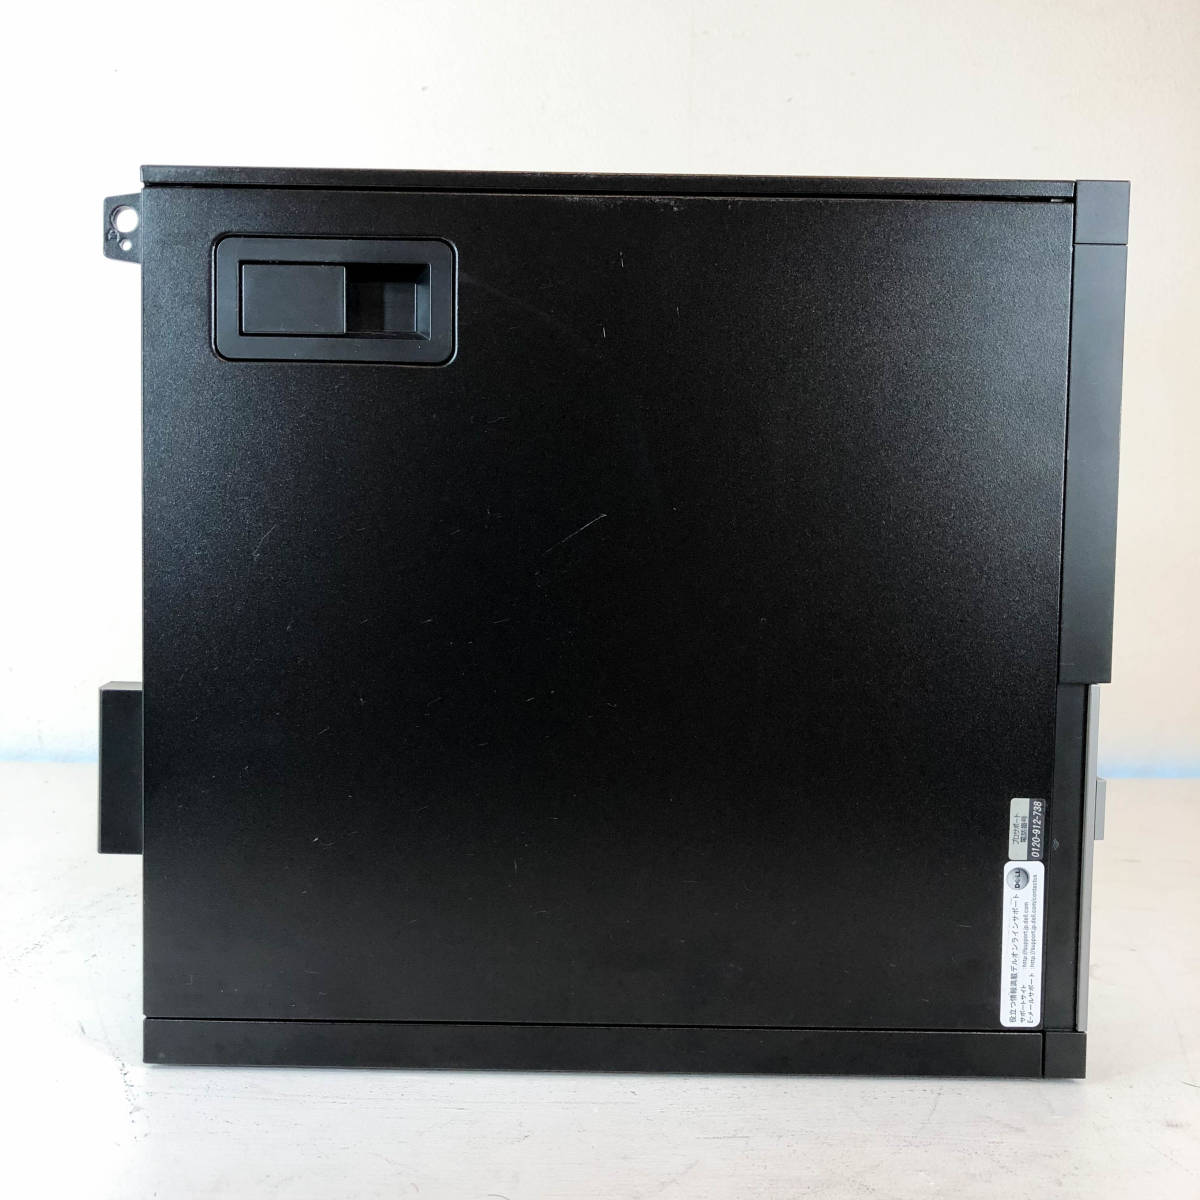 【極品】i7-4770 3.9Ghz×4コア8スレッド/office2019/Optiplex/2画面同時出力/16GBメモリ/SSD1000GB/Wifi接続OK/USB3.0/領収書発行可_画像3